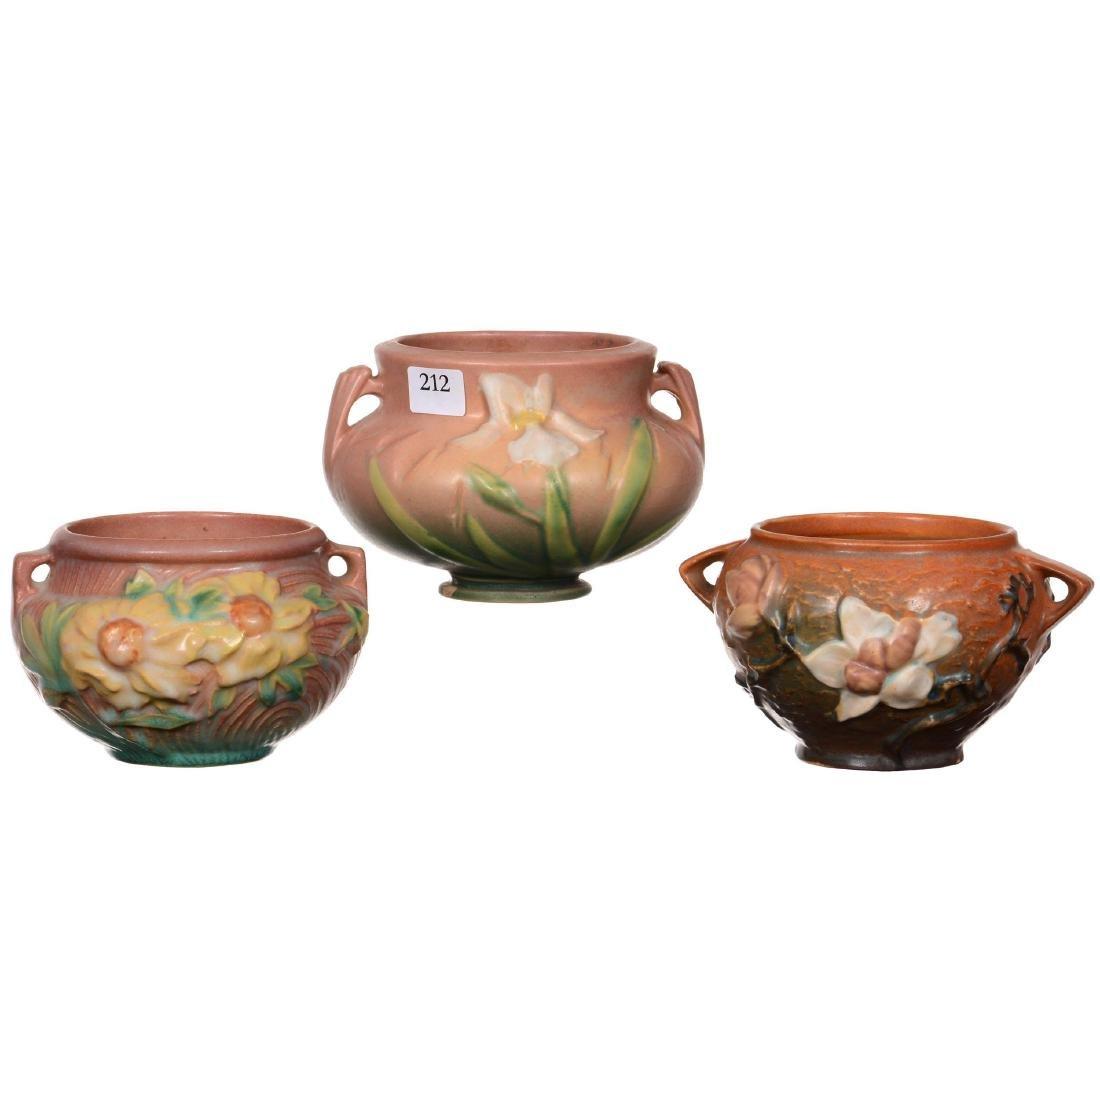 (3) Roseville Art Pottery Bowls